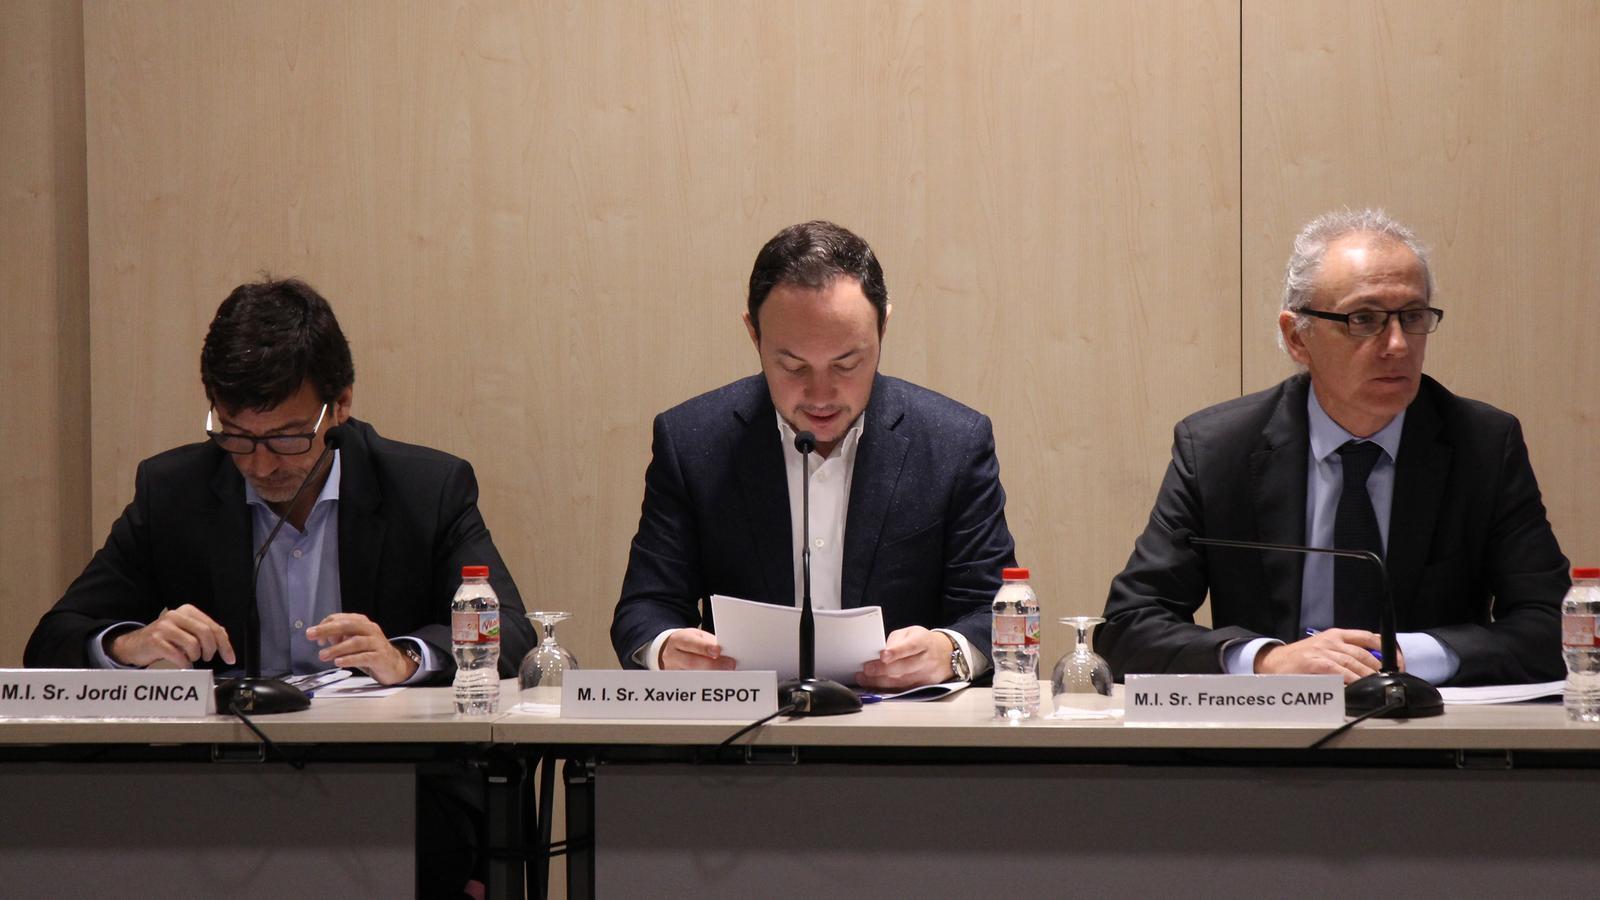 Jordi Cinca, Xavier Espot i Francesc Camp durant la 3a Reunió de la Comissió Nacional de l'Habitatge celebrada aquest dimarts. / M. R. F. (ANA)